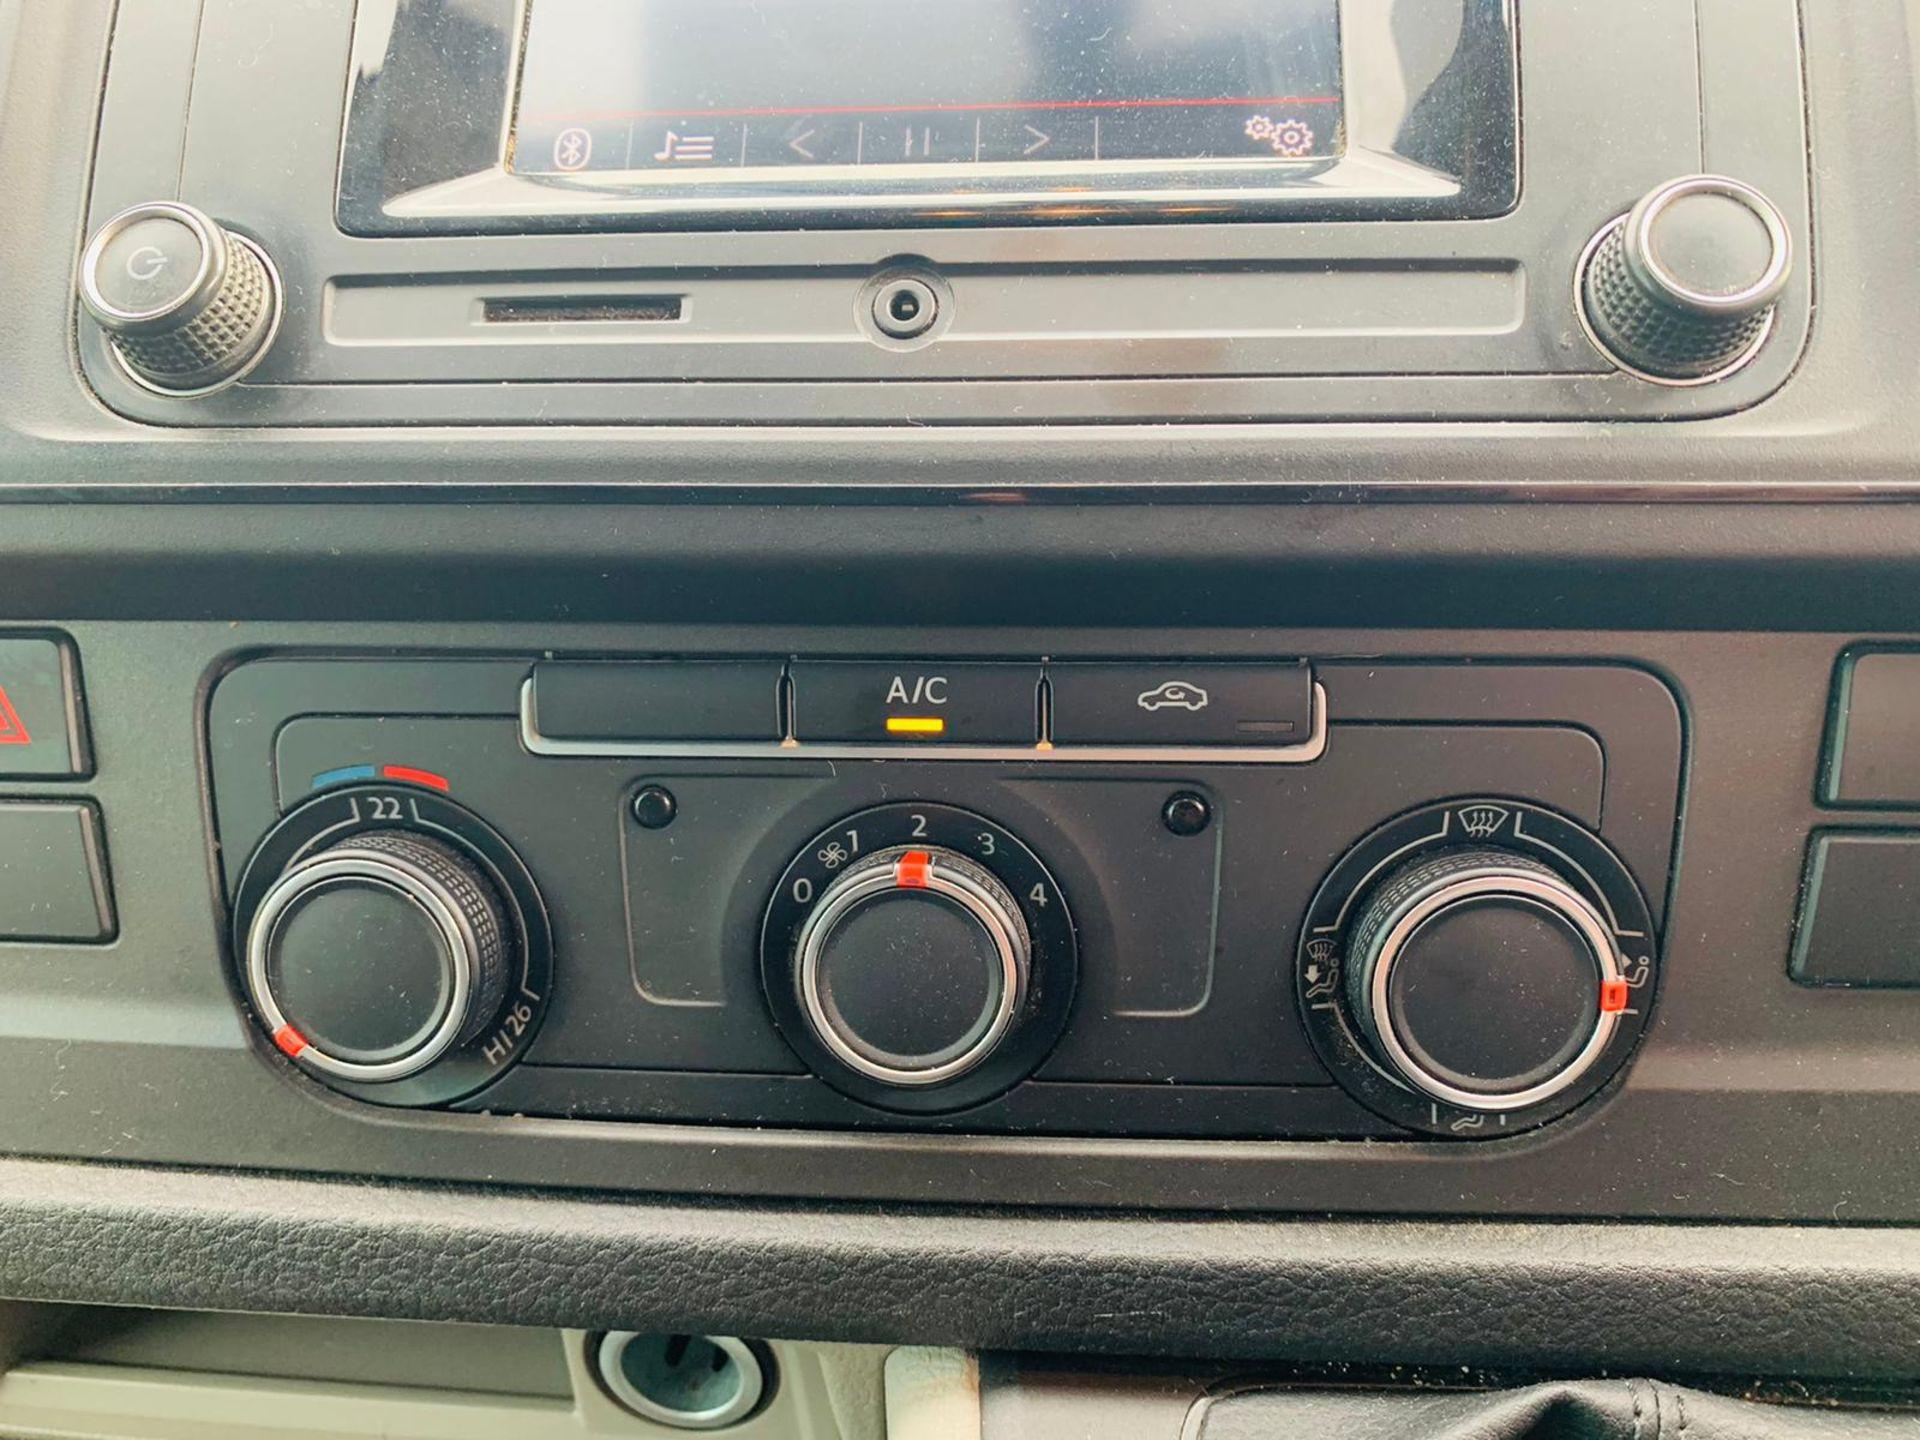 (RESERVE MET) Volkswagen (VW) Transporter 2.0 TDI 150 Highline T28 2018 18 Reg - Parking Sensors - - Image 18 of 23